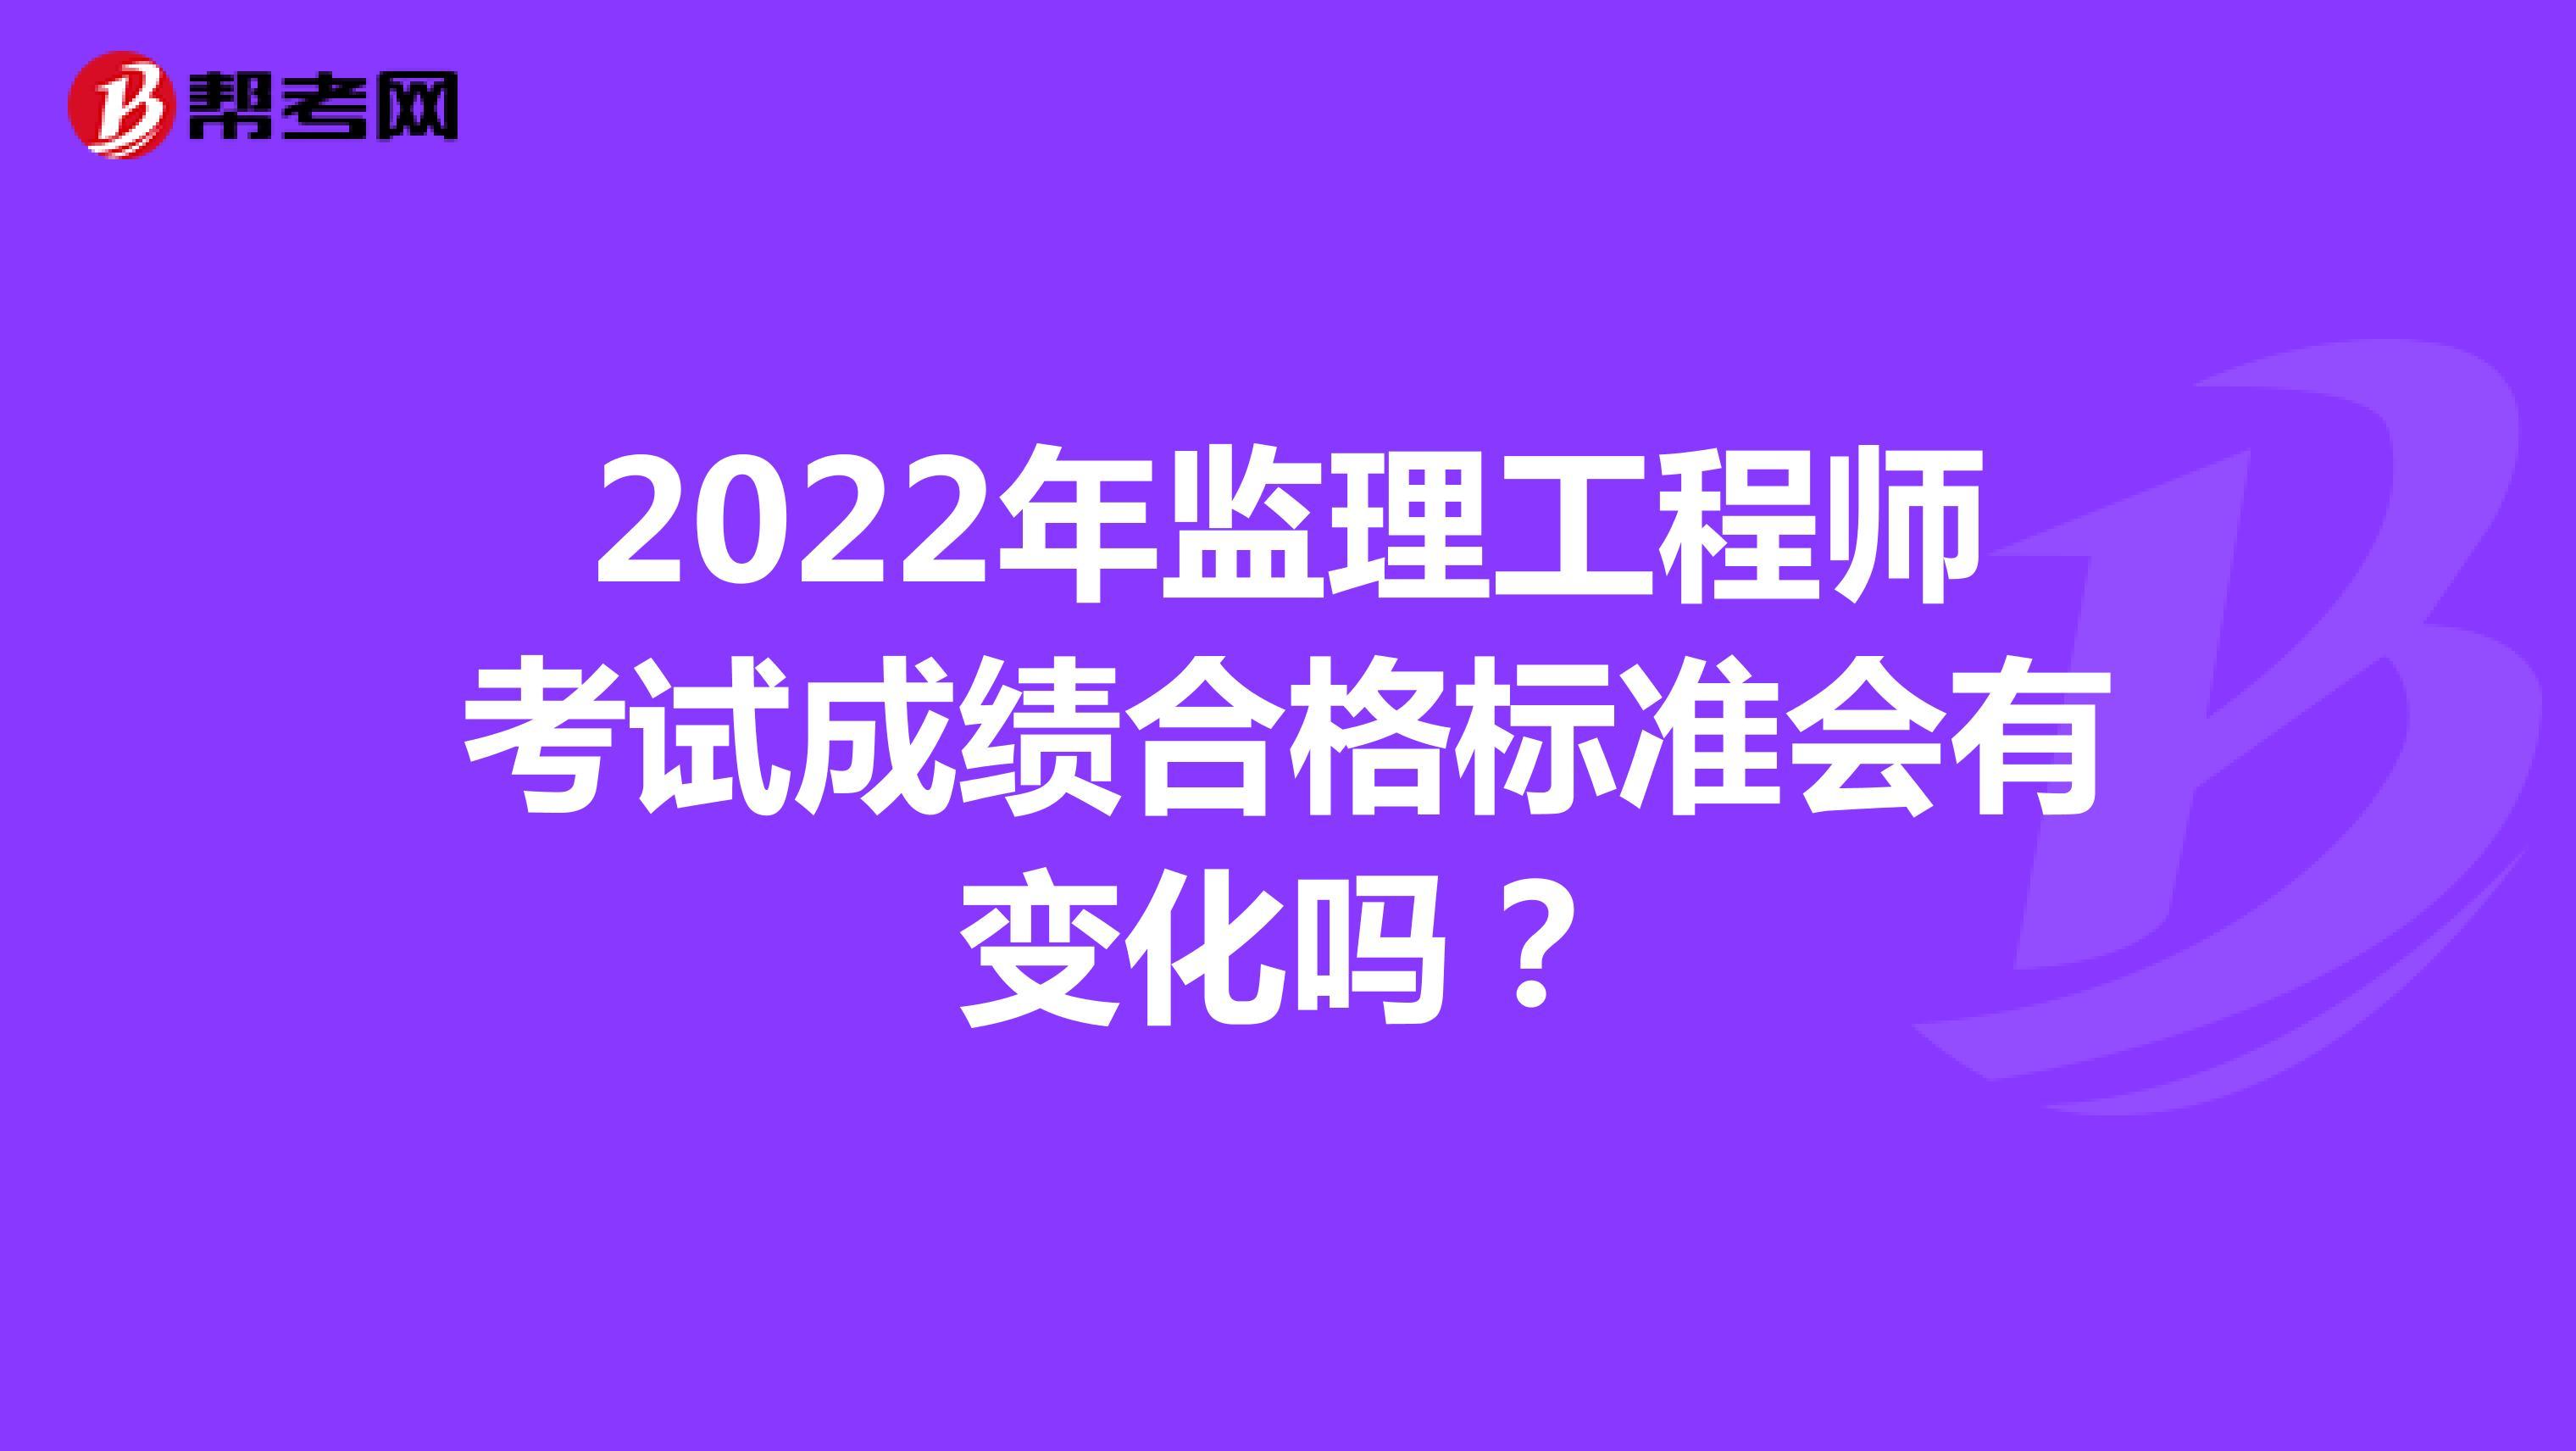 2022年监理工程师考试的合格标准有变化吗?